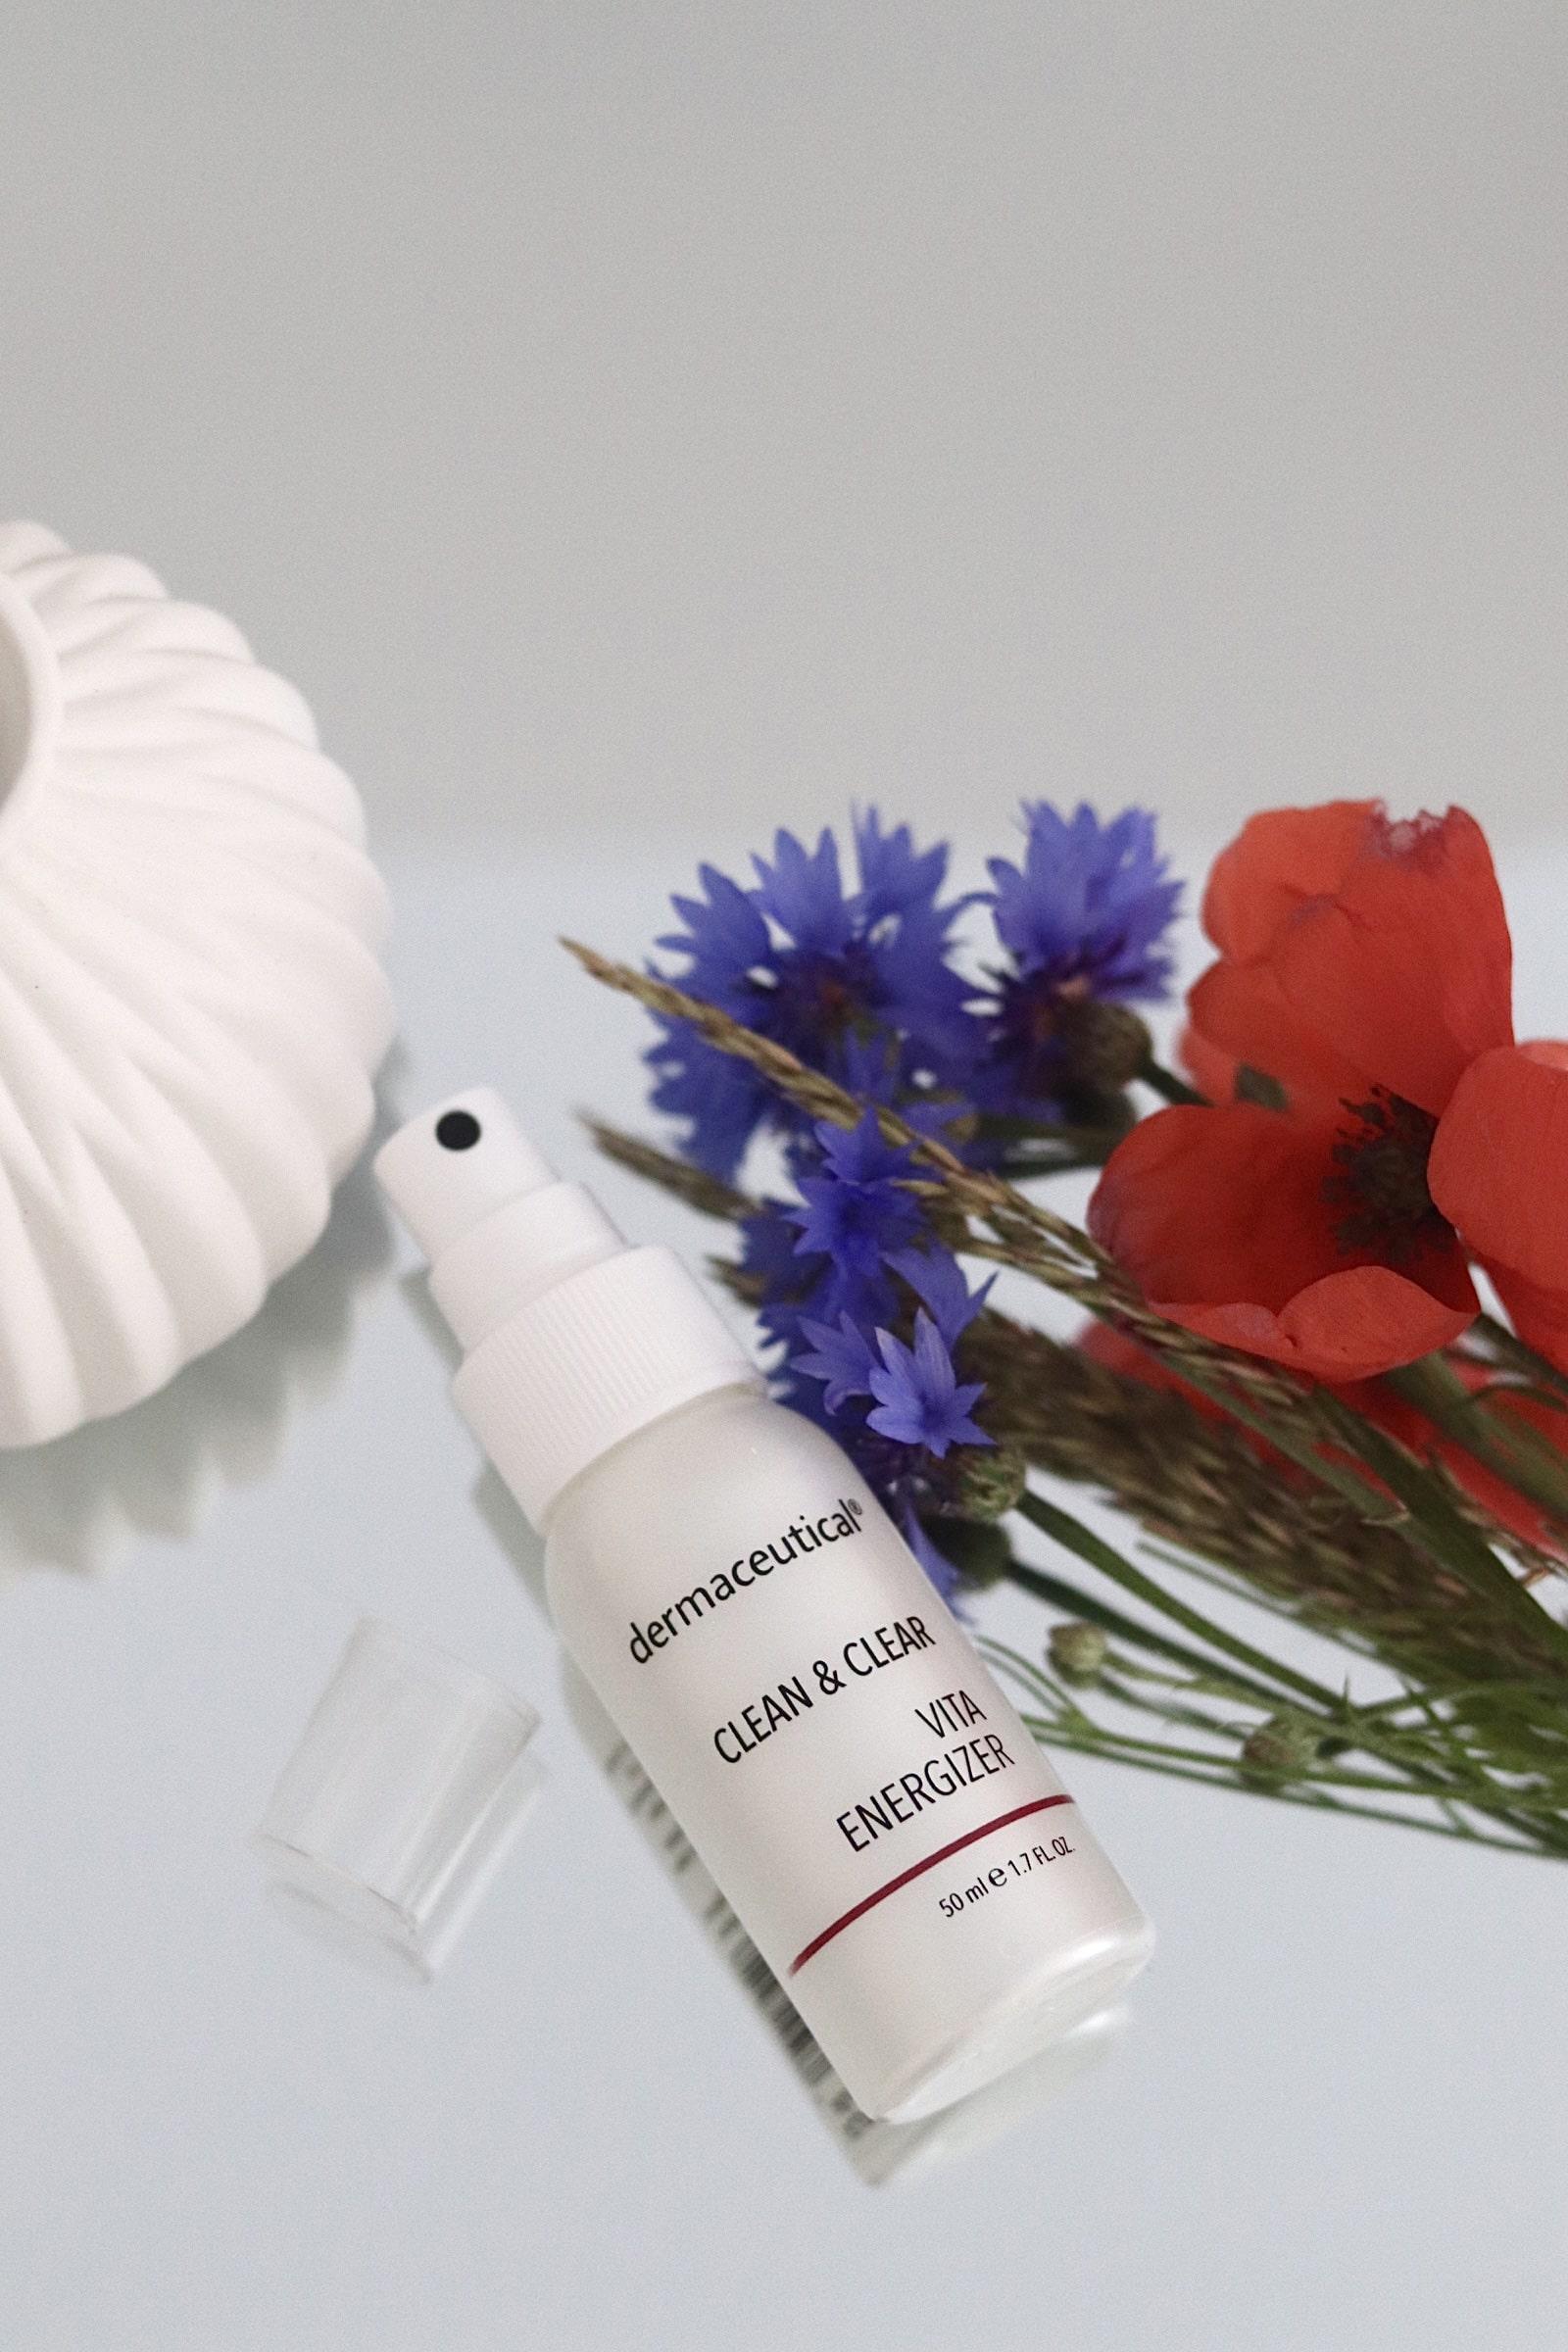 Sommer-Hautpflege von dermaceutical